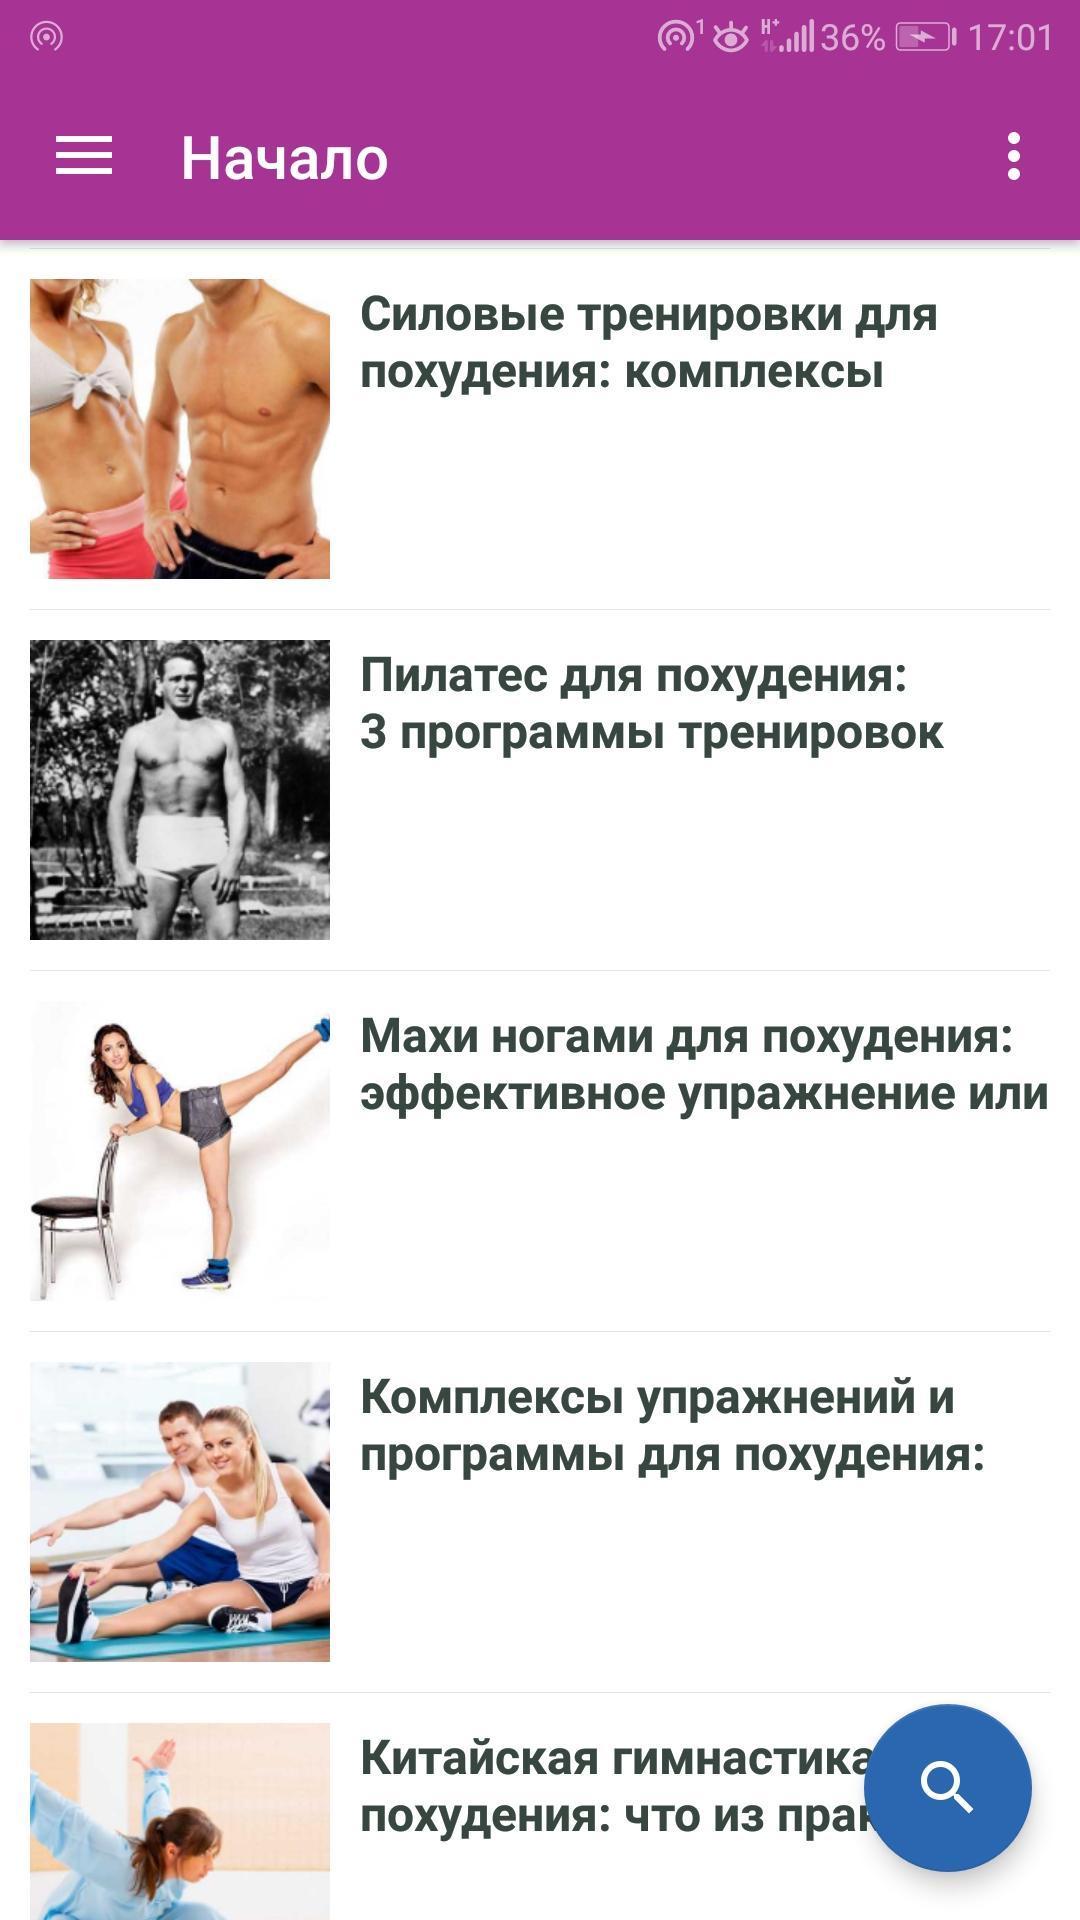 Упражнения для похудения в тренажерном зале для женщин и мужчин — 8 лучших упражнений